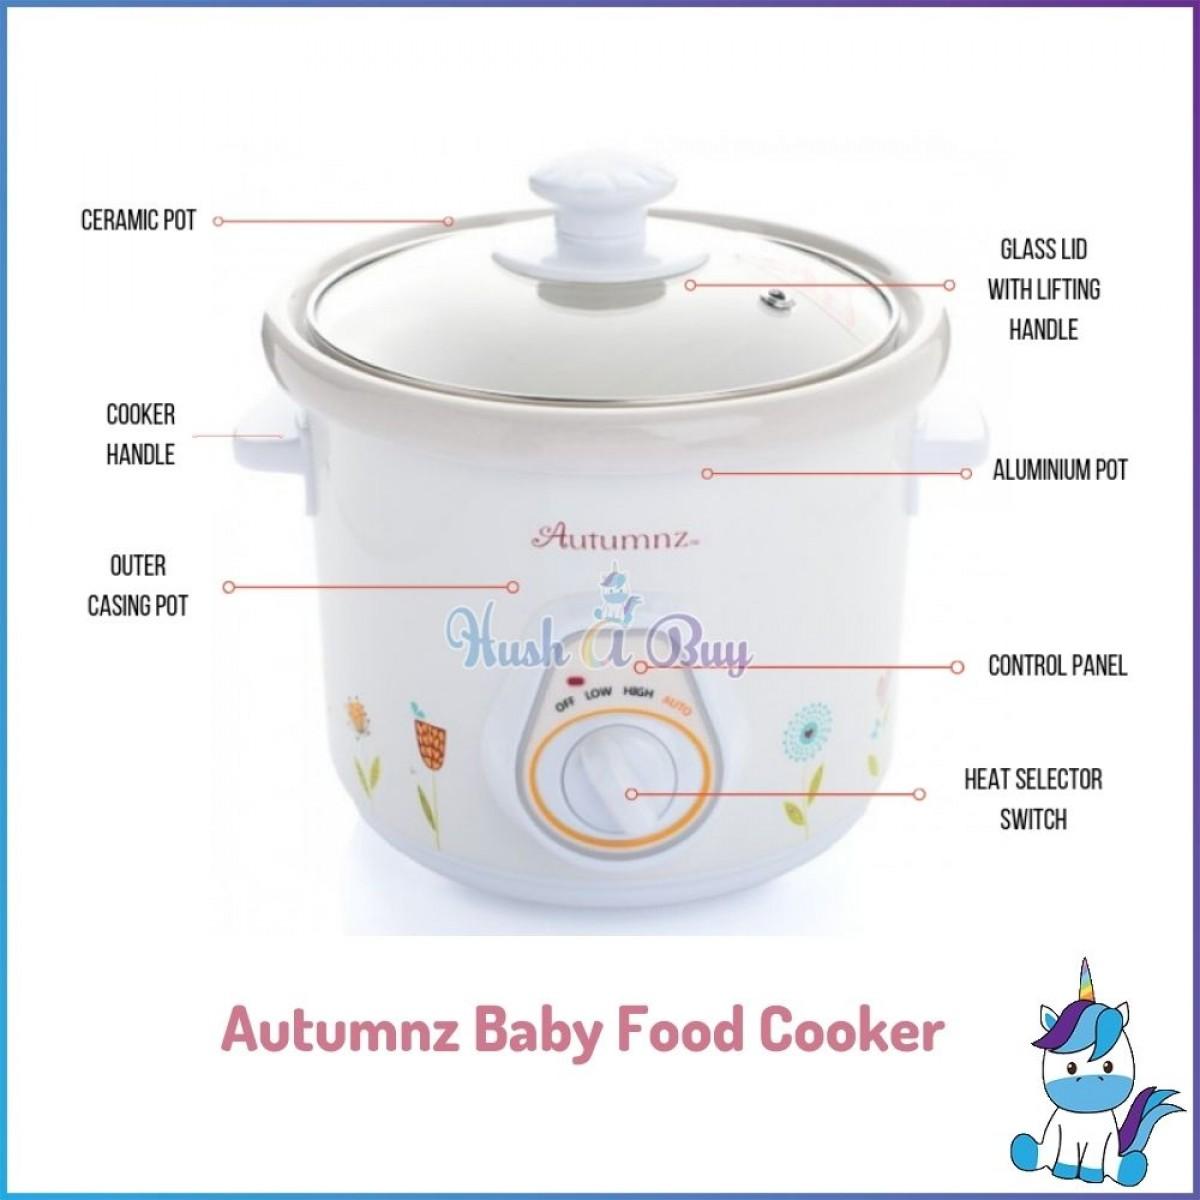 Autumnz Ceramic Baby Food Cooker / Slow Cooker 1.2L (BEST BUY)